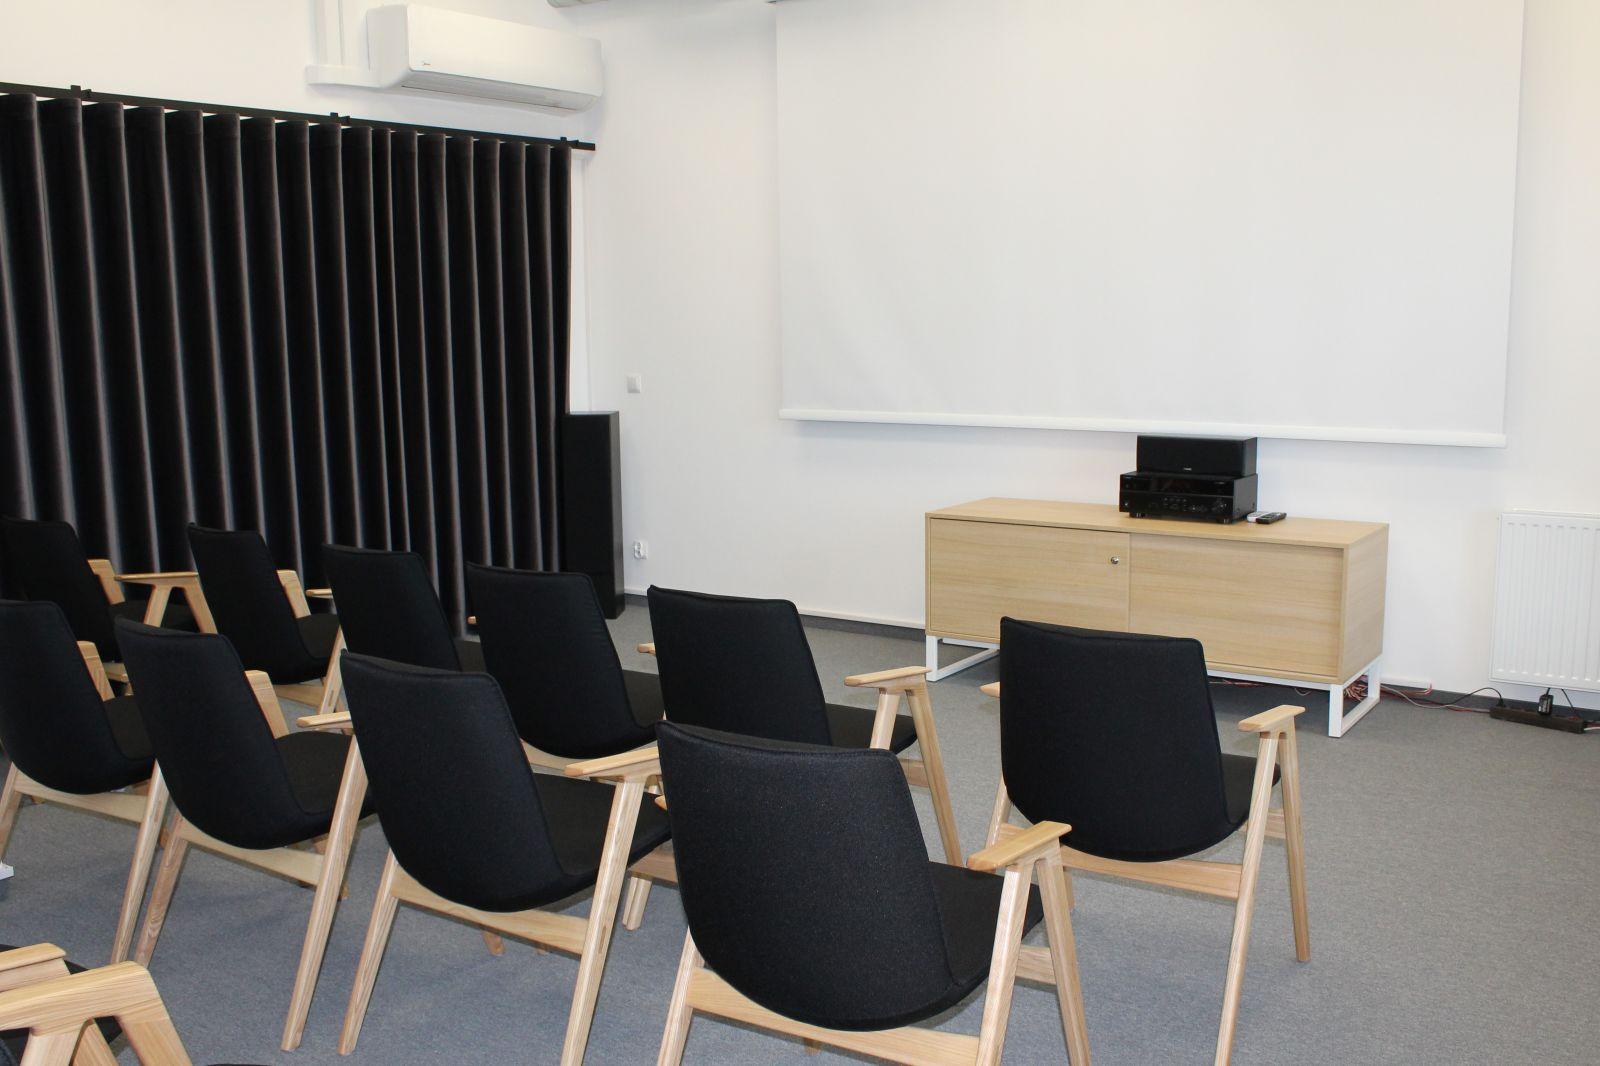 Fotografia sali projekcyjnej. Widoczne czarne krzesła i ekran projekcyjny.